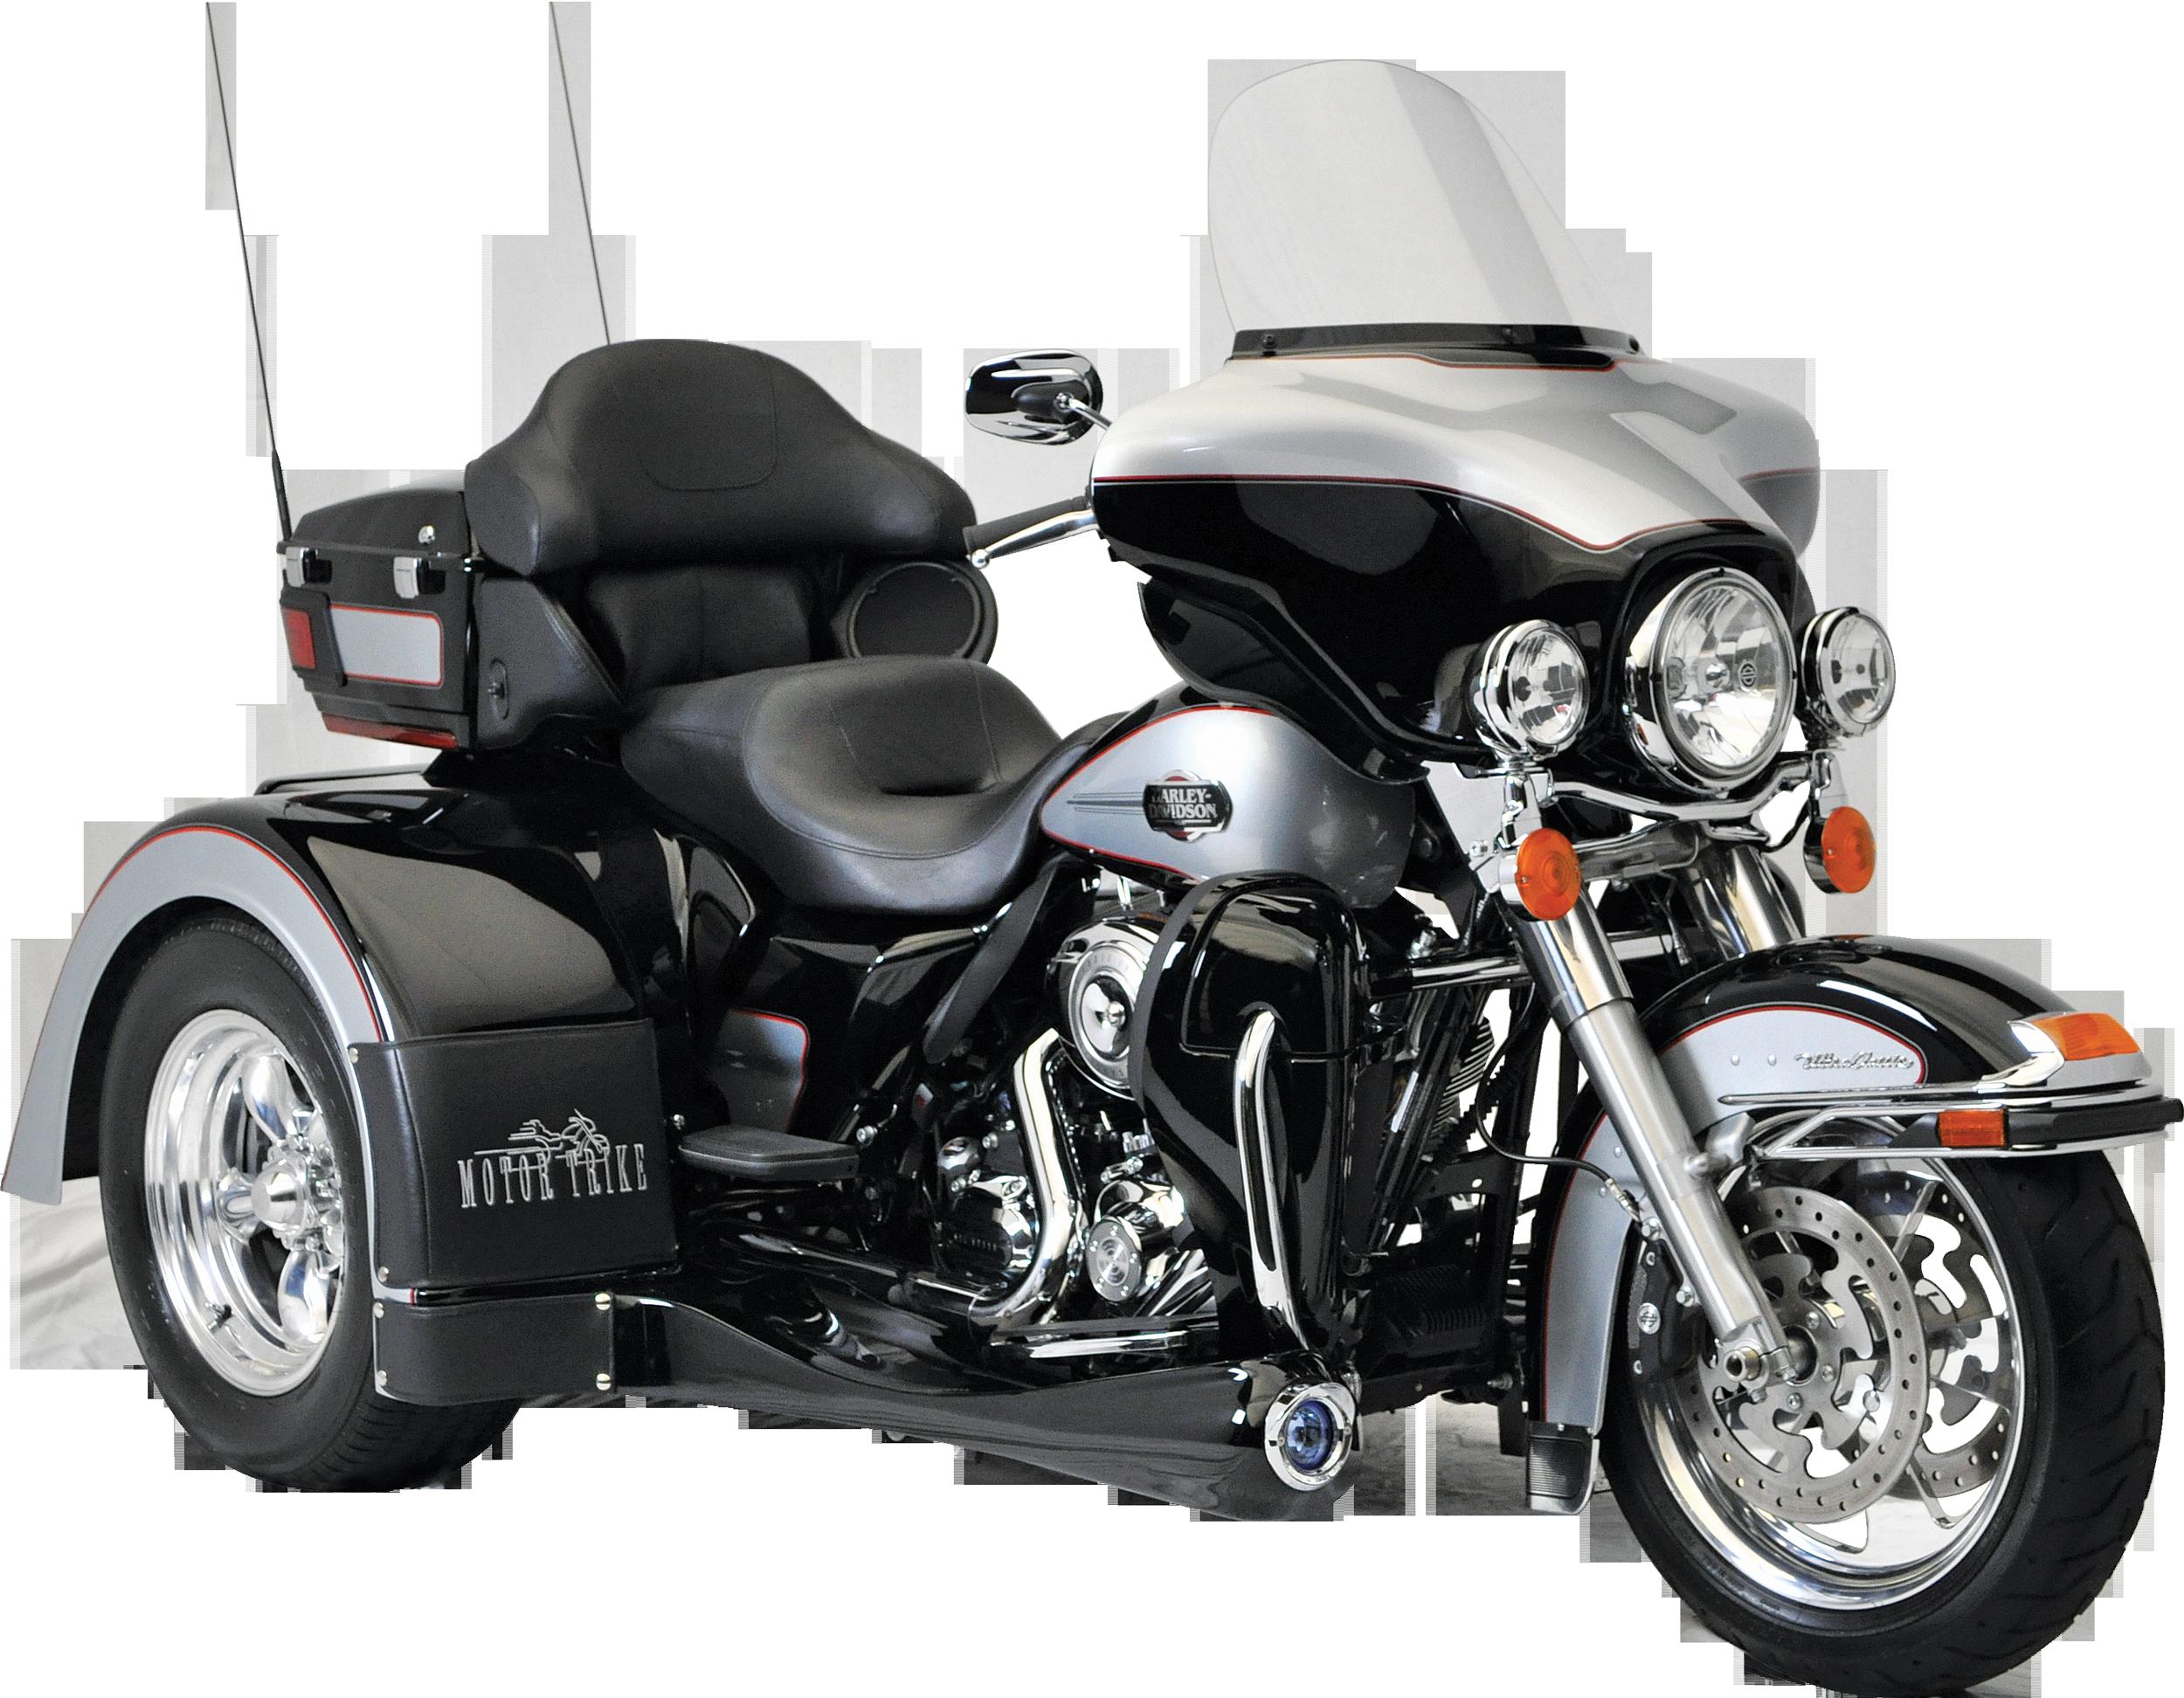 Harley Davidson Png Image Harley Davidson Road Glide Harley Davidson Images Harley Davidson Electra Glide